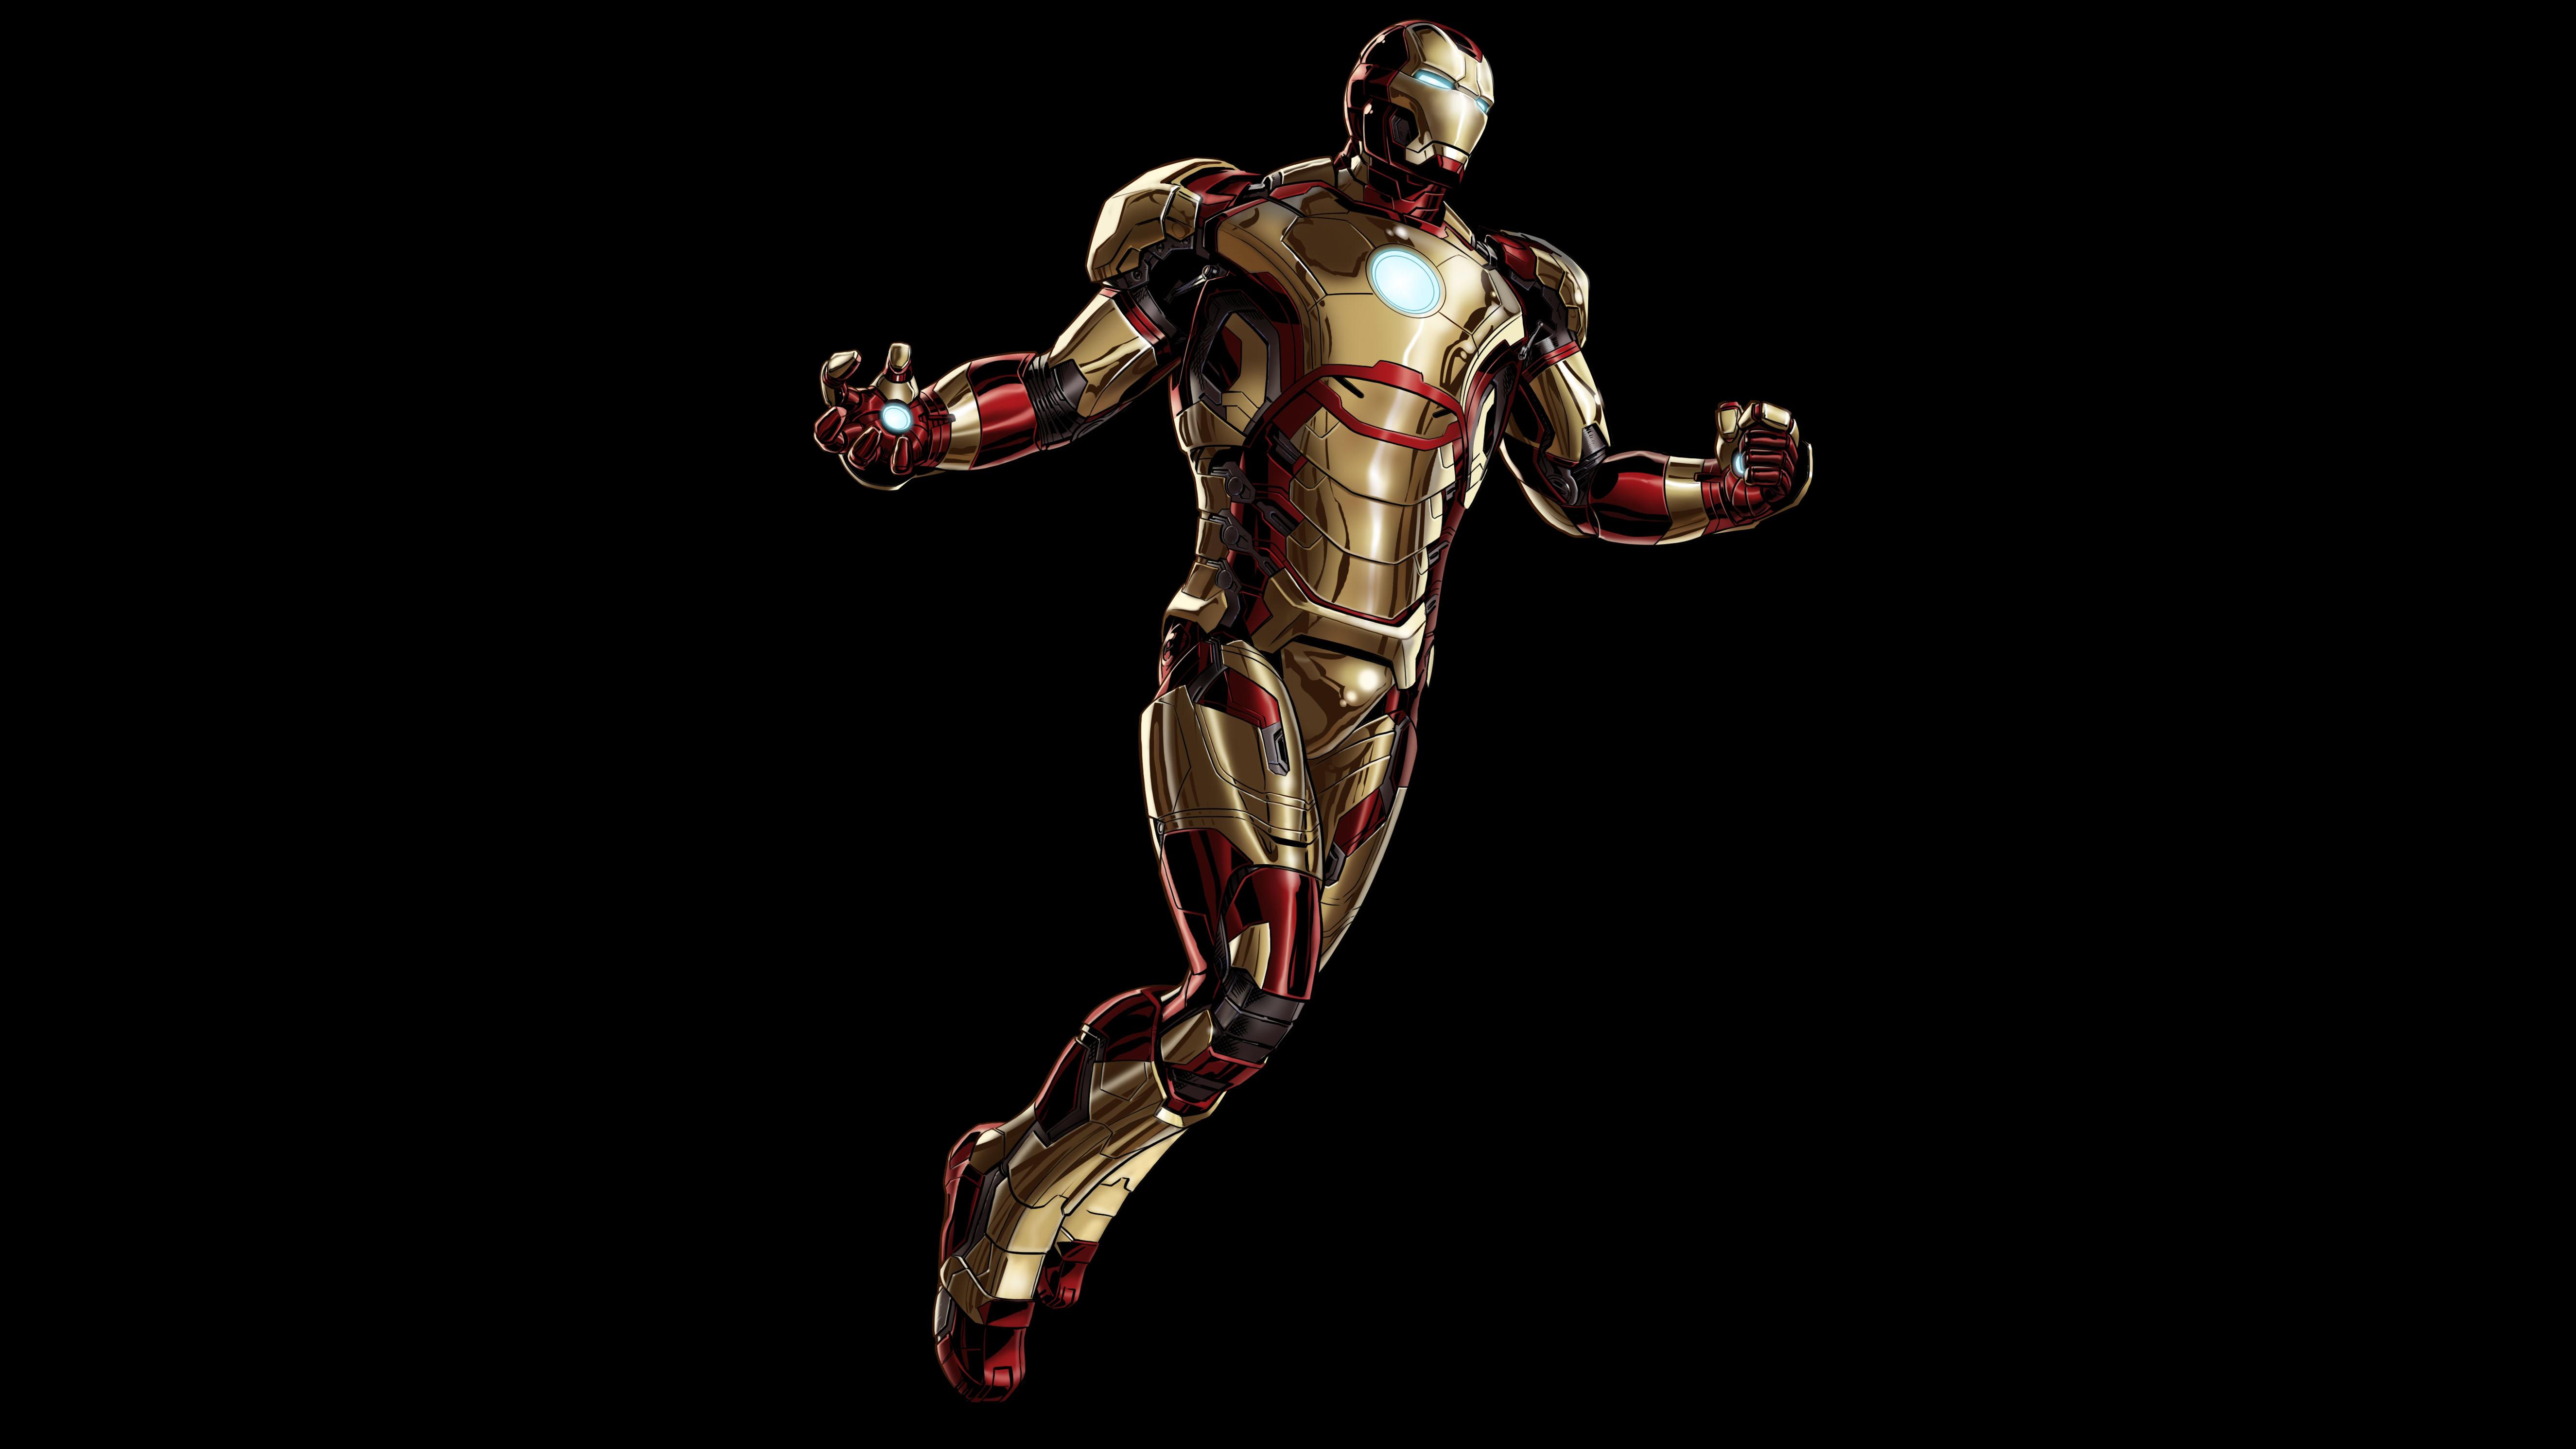 Iron Man Mark 42 (Marvel) 5K UHD Wallpaper